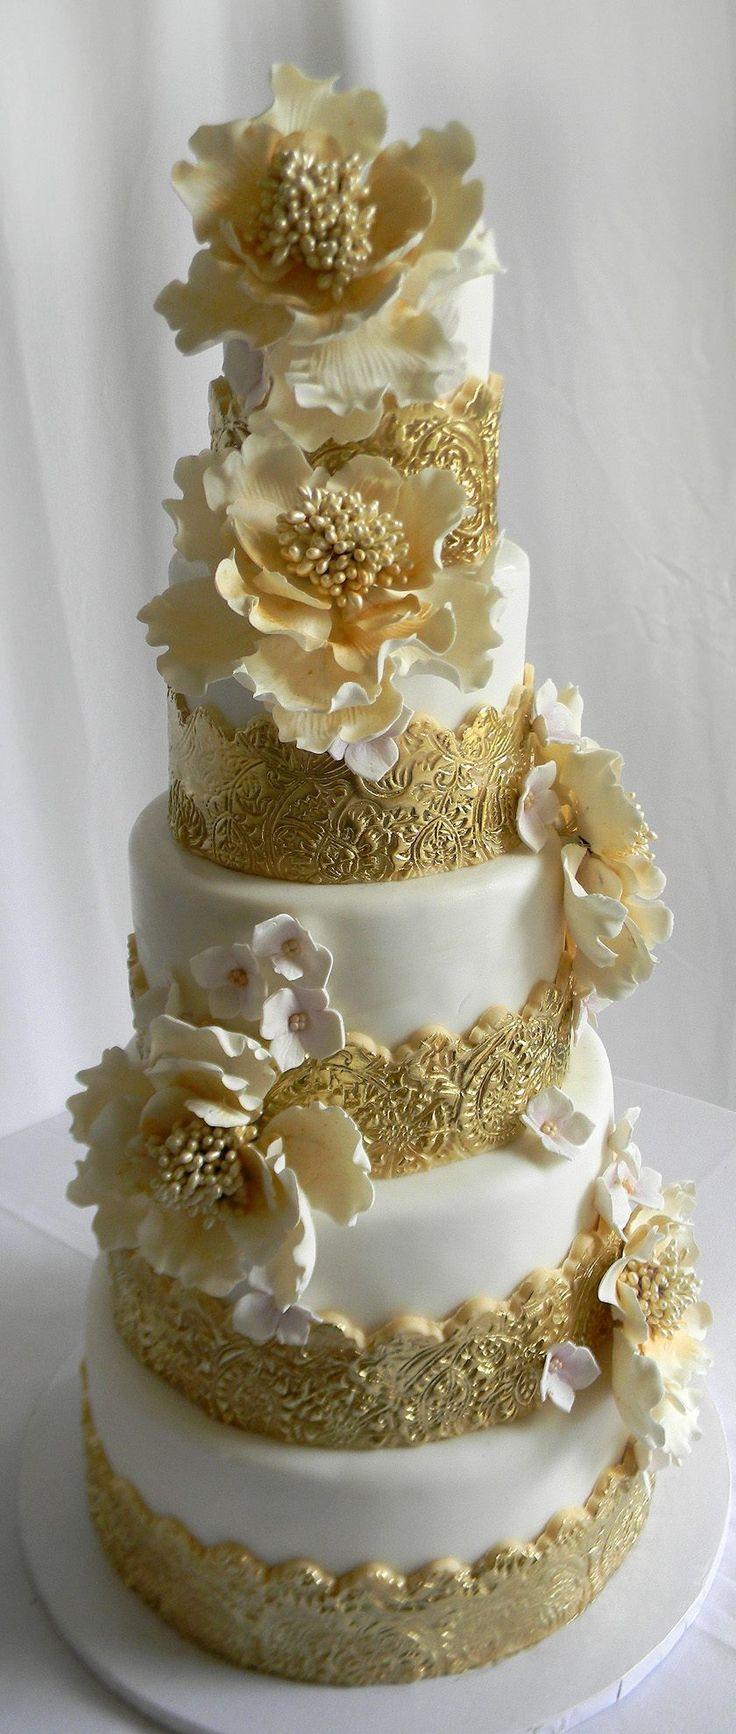 Amazing wedding cake!  http://livingglamourmakeup.com.au